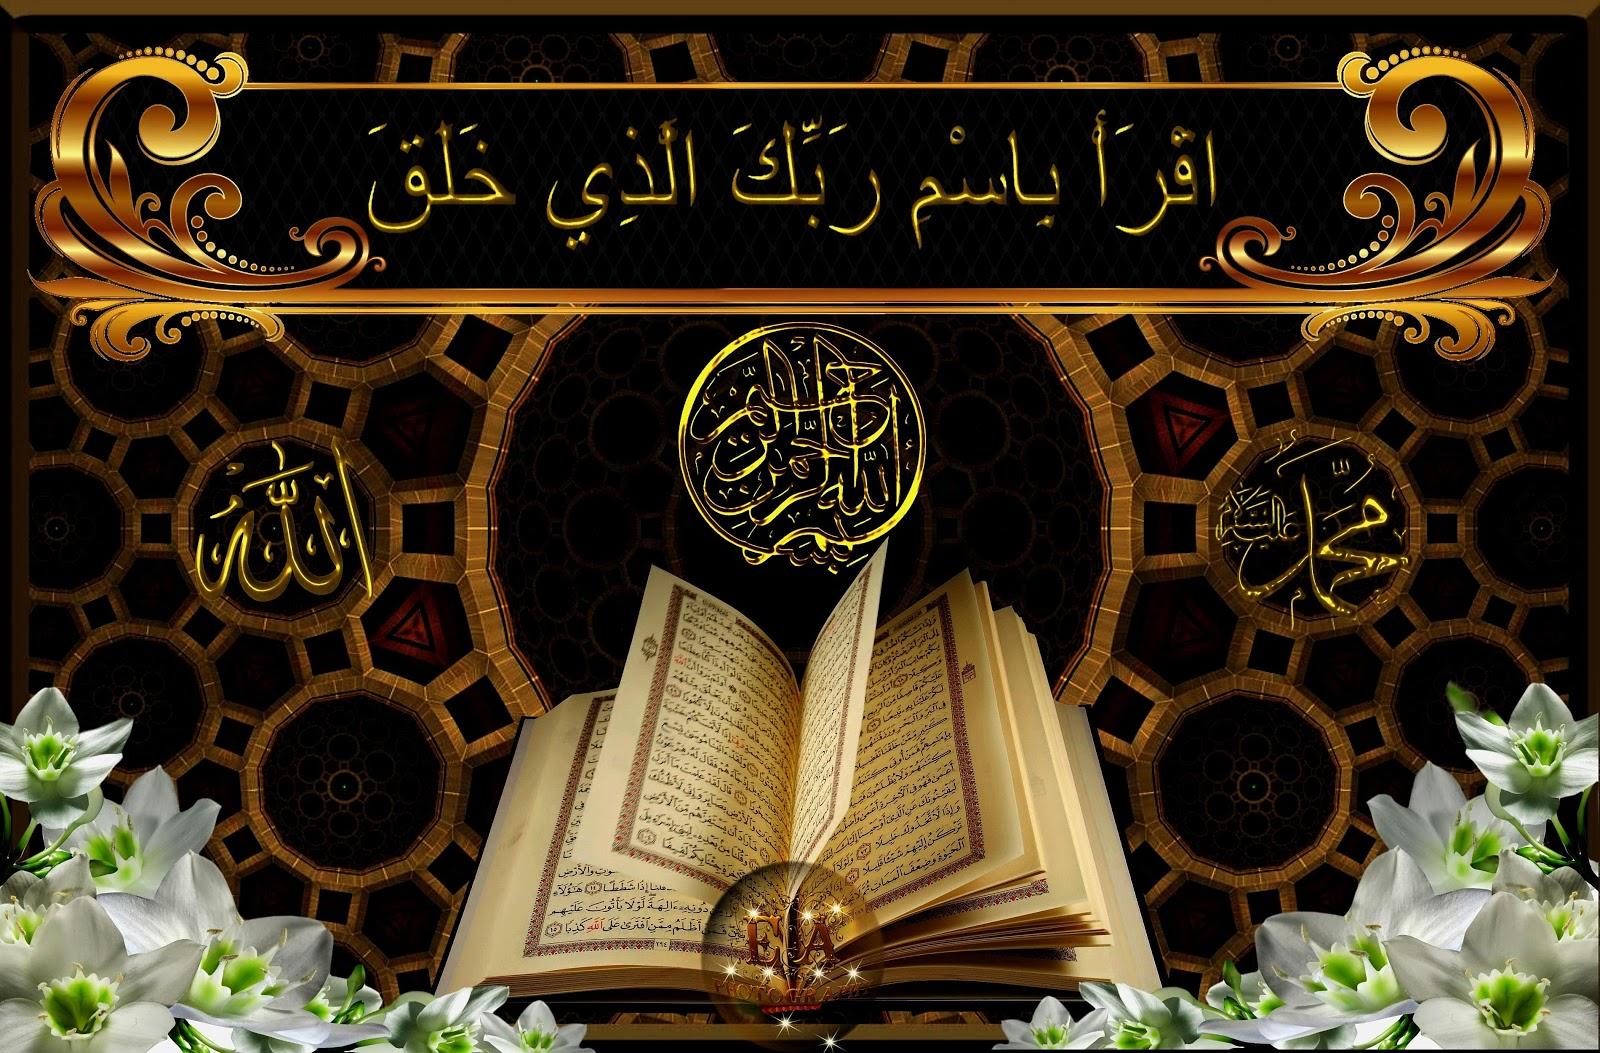 Kumpulan Surat Dan Hadist Pernikahan Hadits Islam